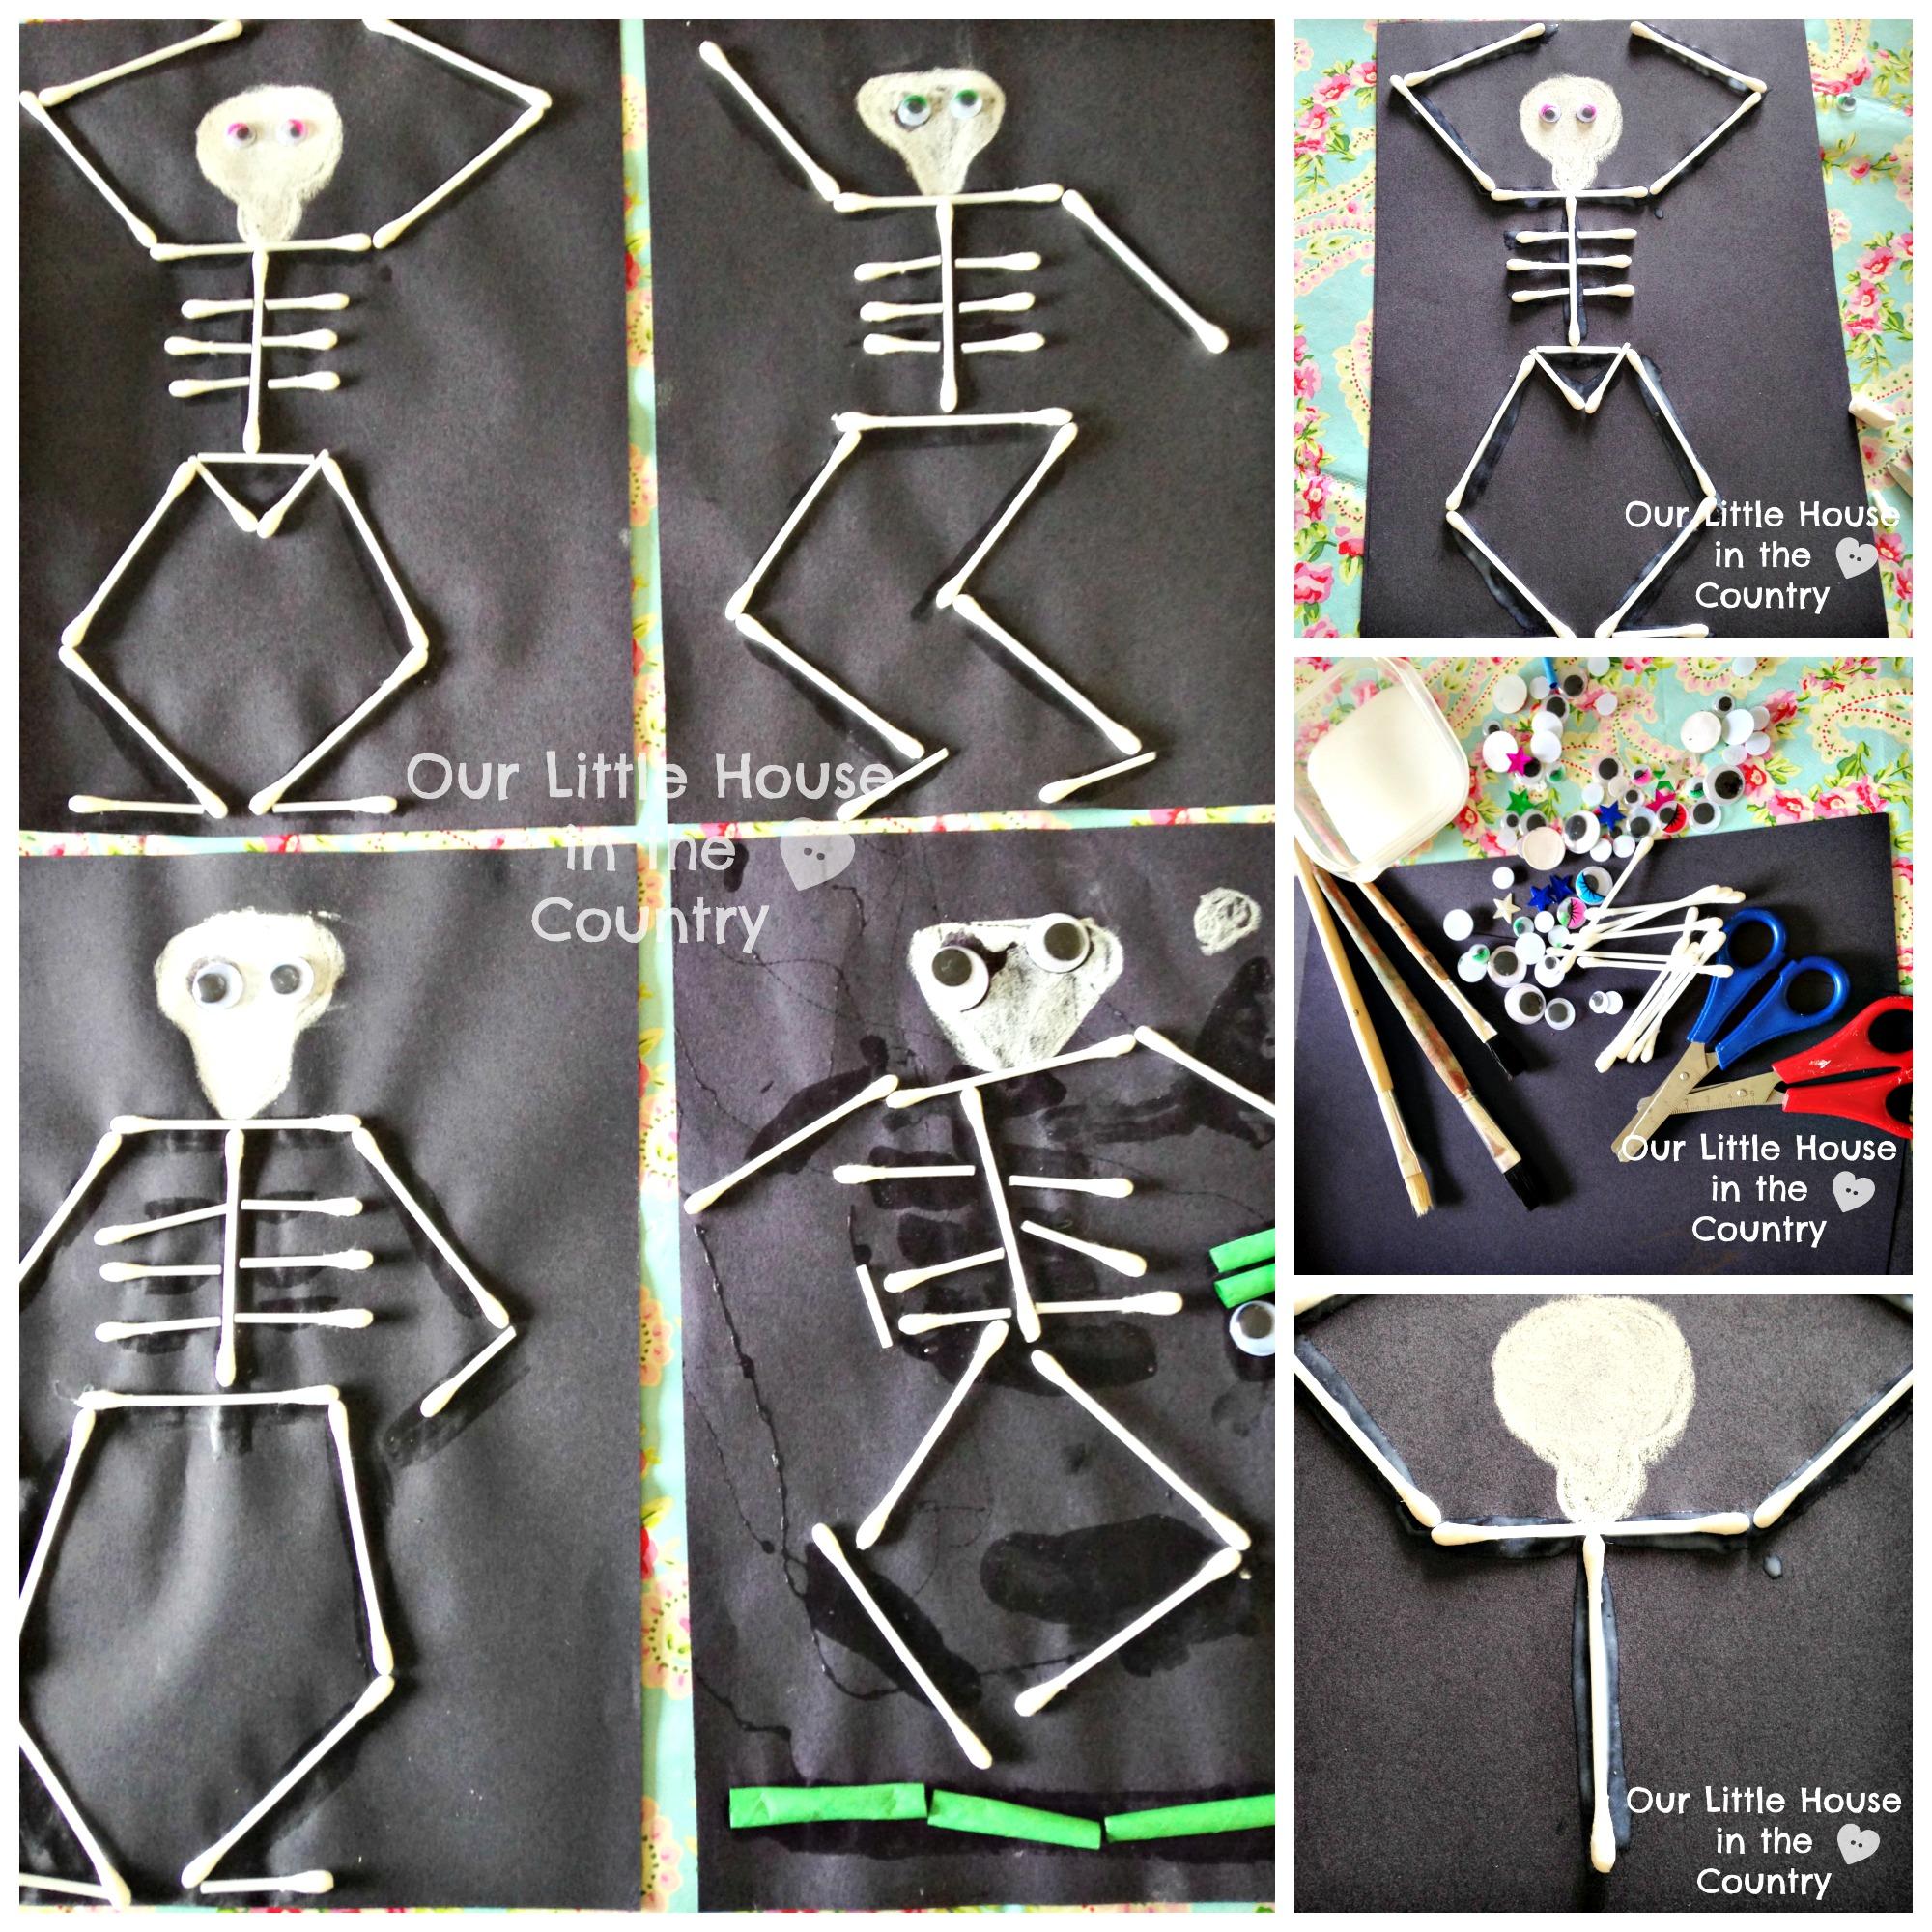 Dancing Skeletons Cotton Bud Skeletons